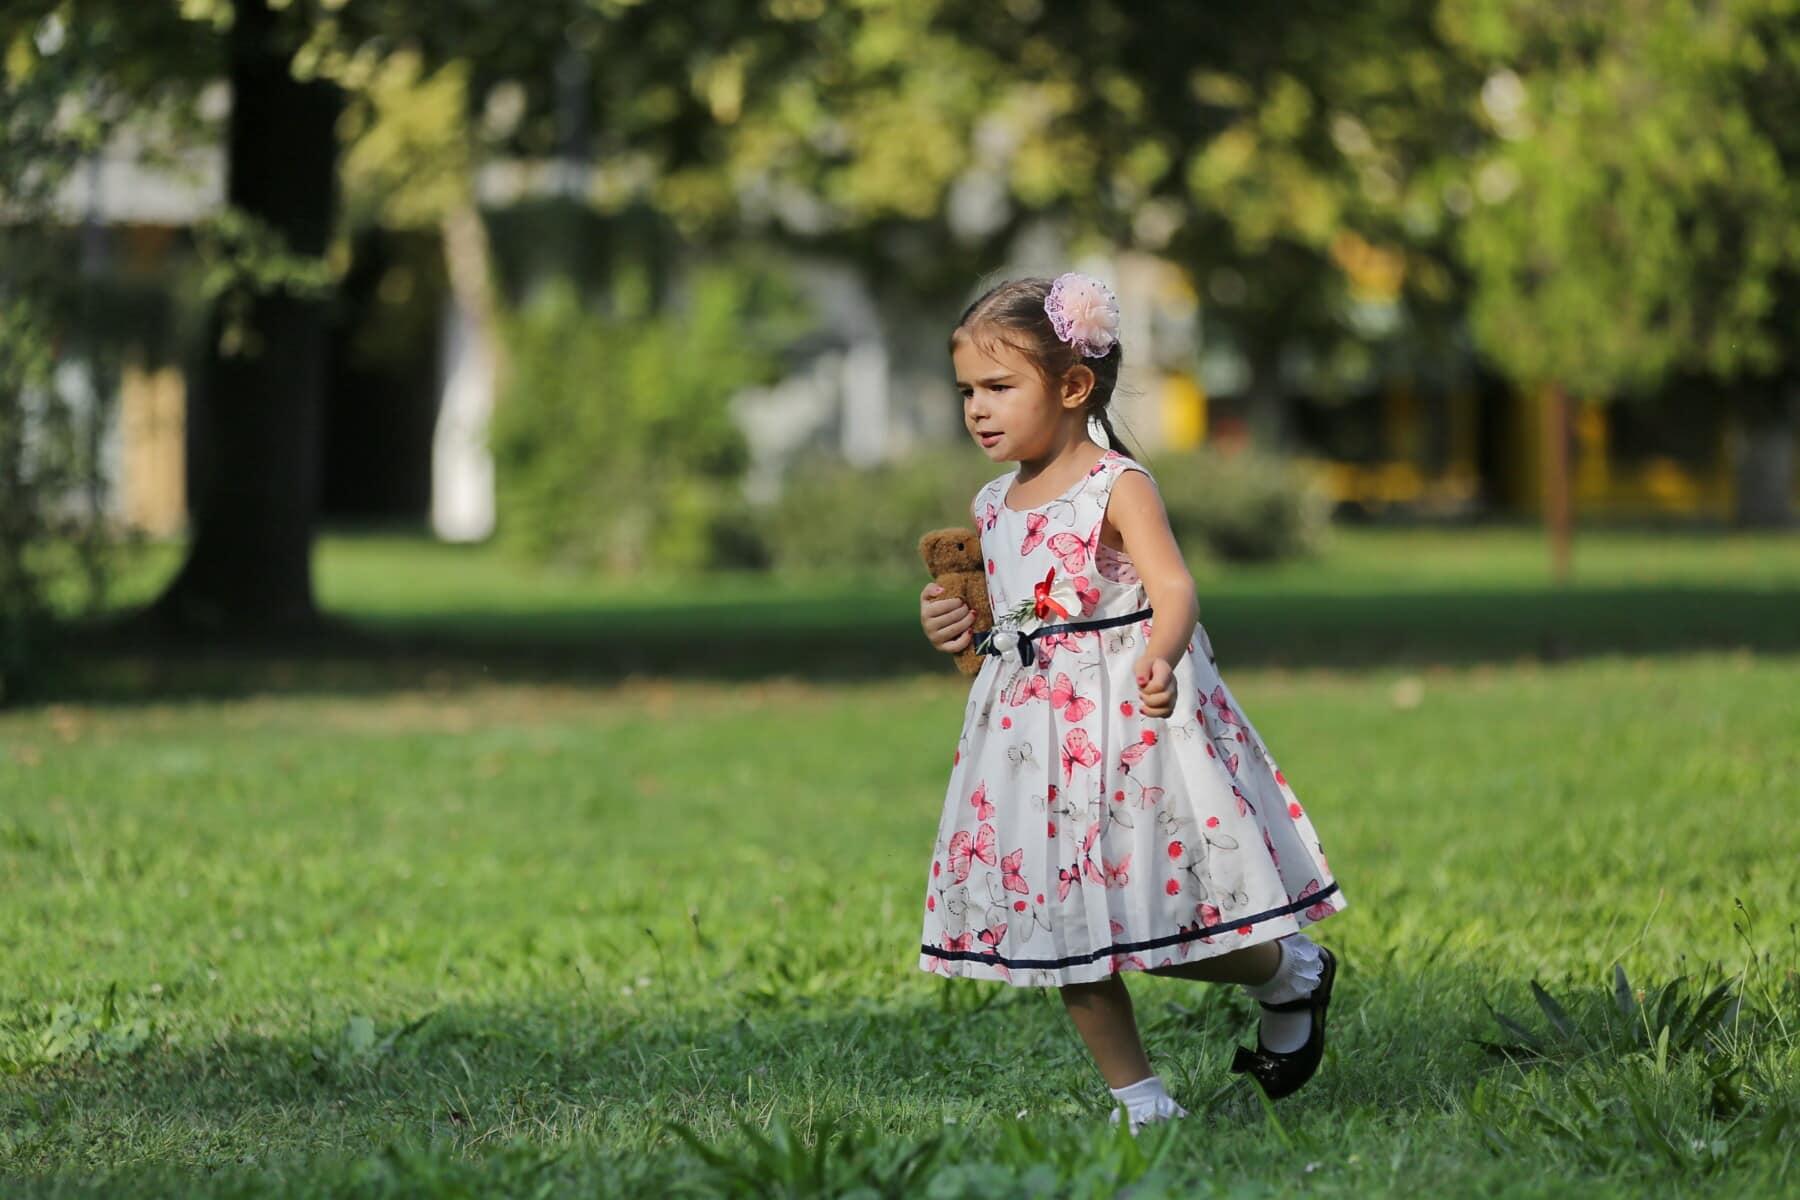 όμορφο κορίτσι, τρέξιμο, παιχνίδι αρκουδάκι, εκμετάλλευση, πάρκο, χλόη, το παιδί, το καλοκαίρι, Ευτυχισμένο, εξωτερική